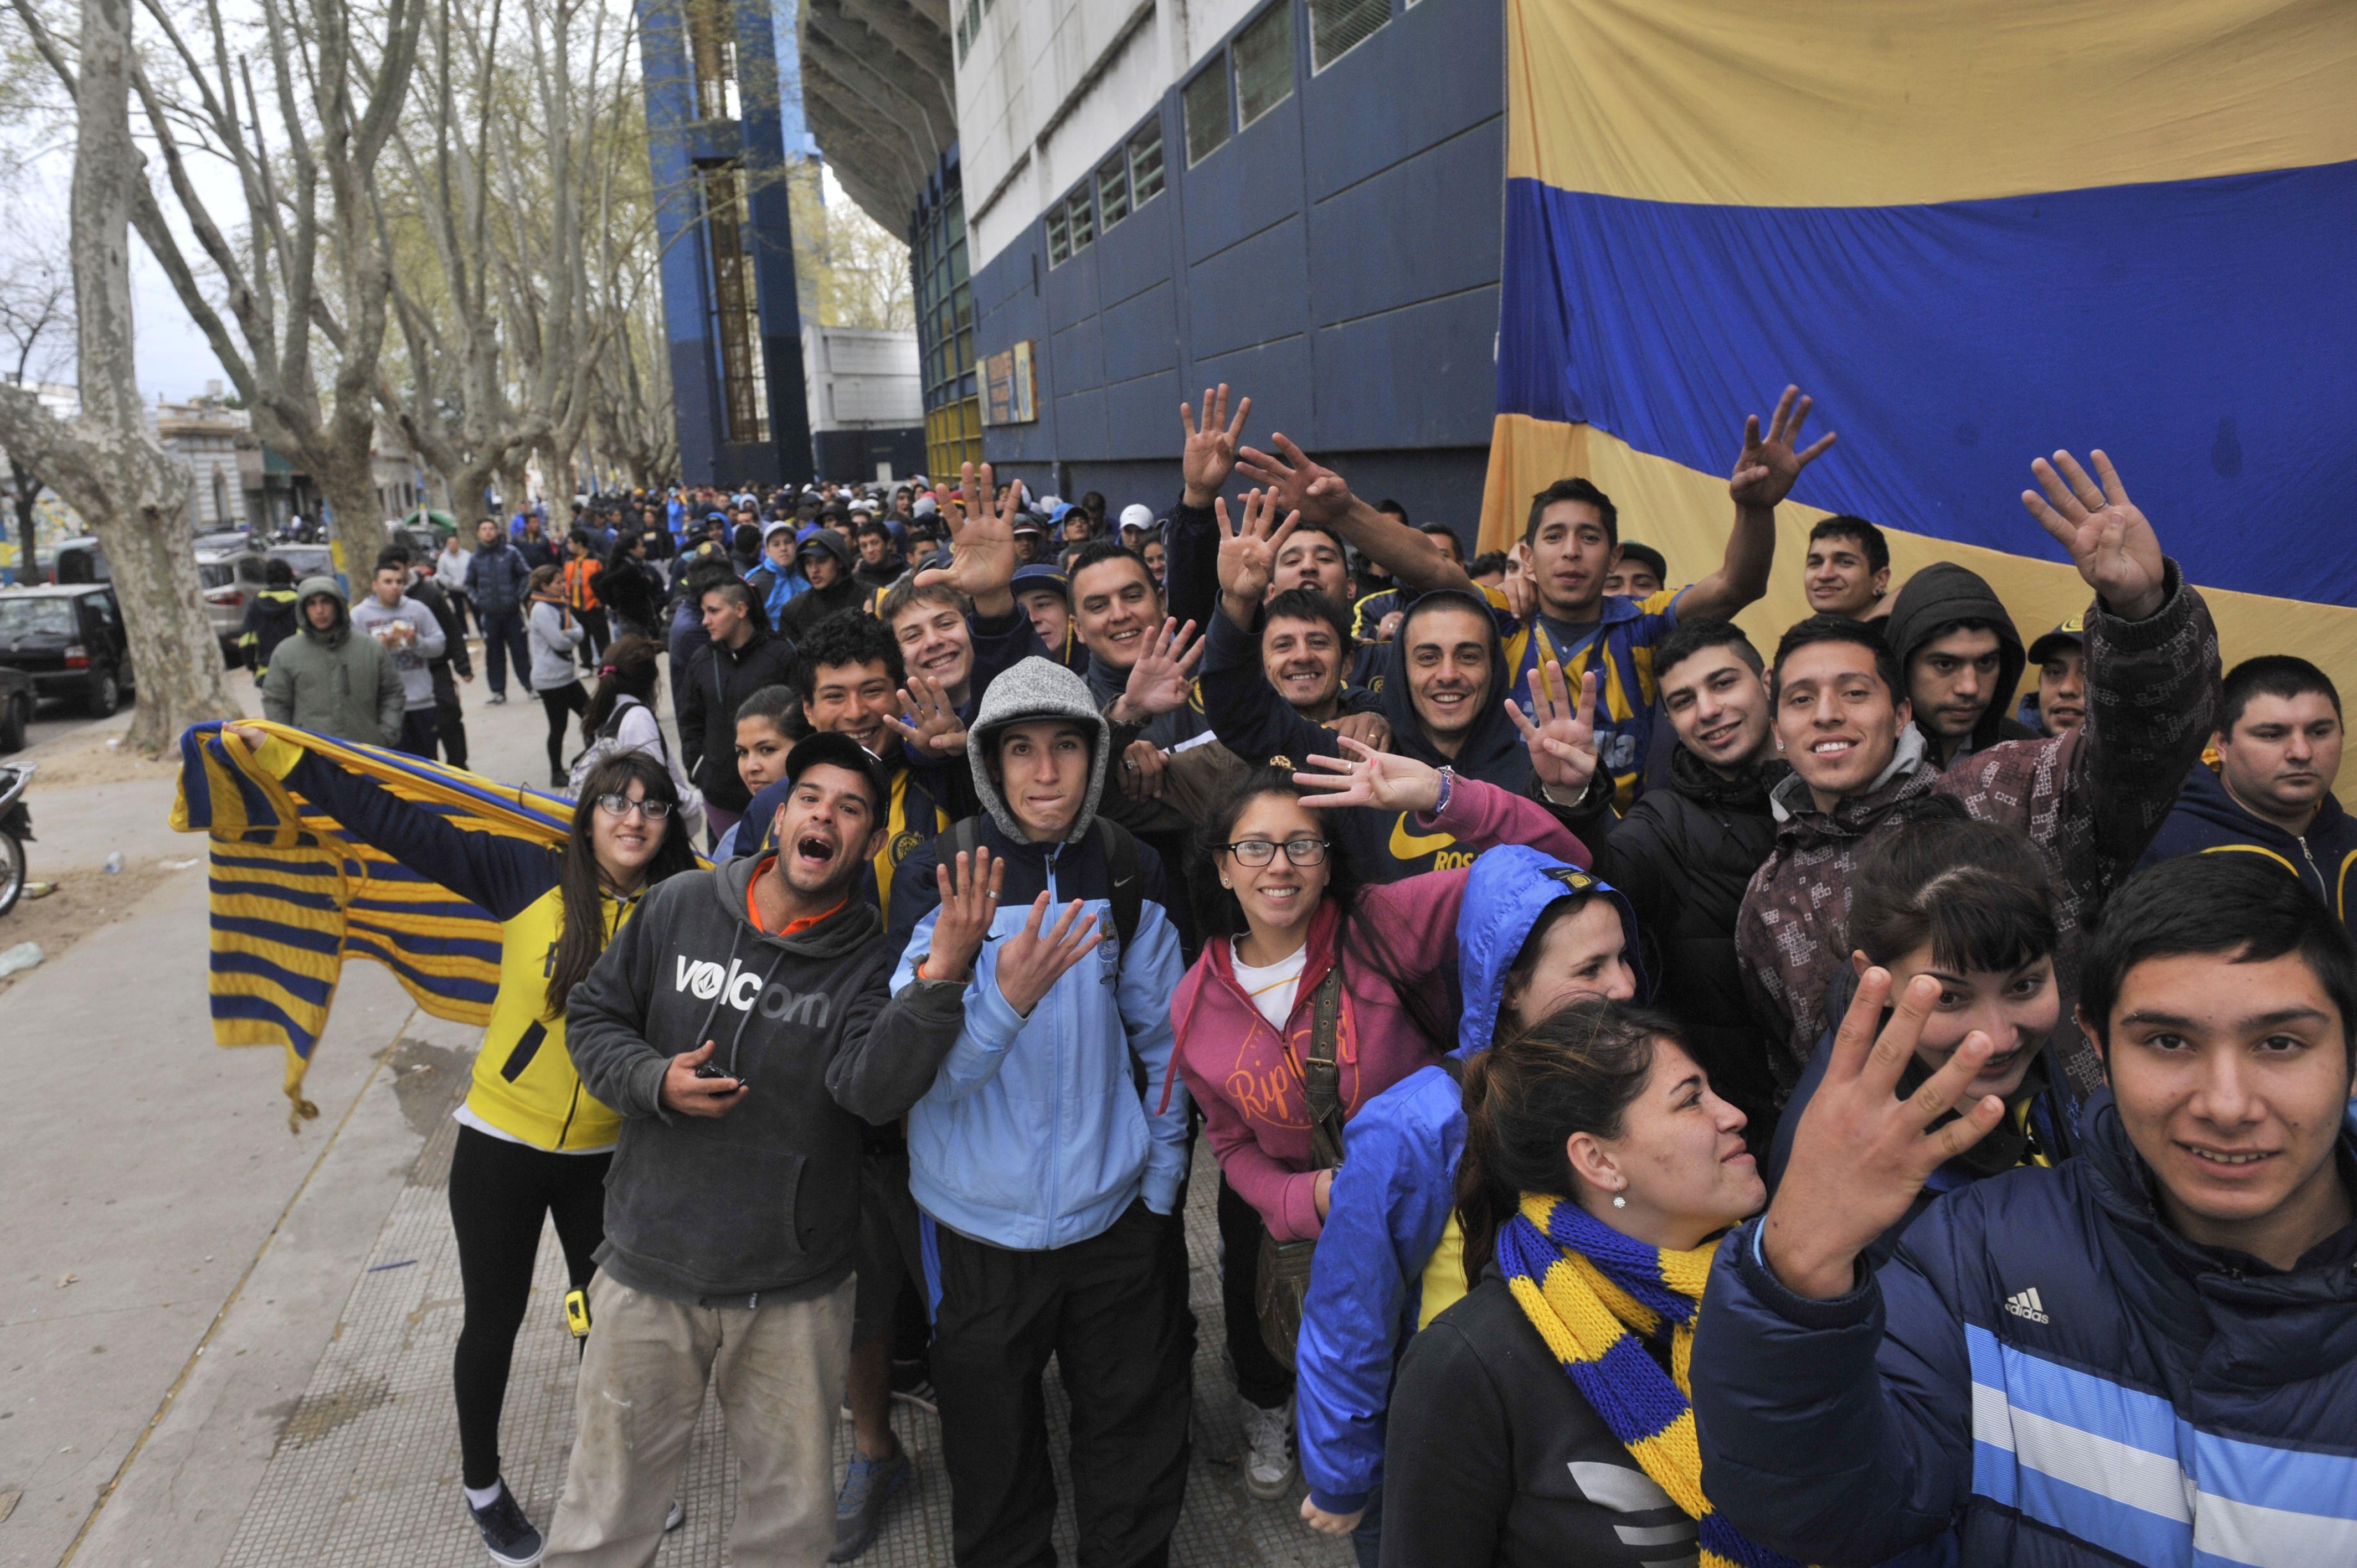 Los hinchas acamparon a la noche para no quedarse sin entradas para el partido con Newells. (Foto: Virginia Benedetto)